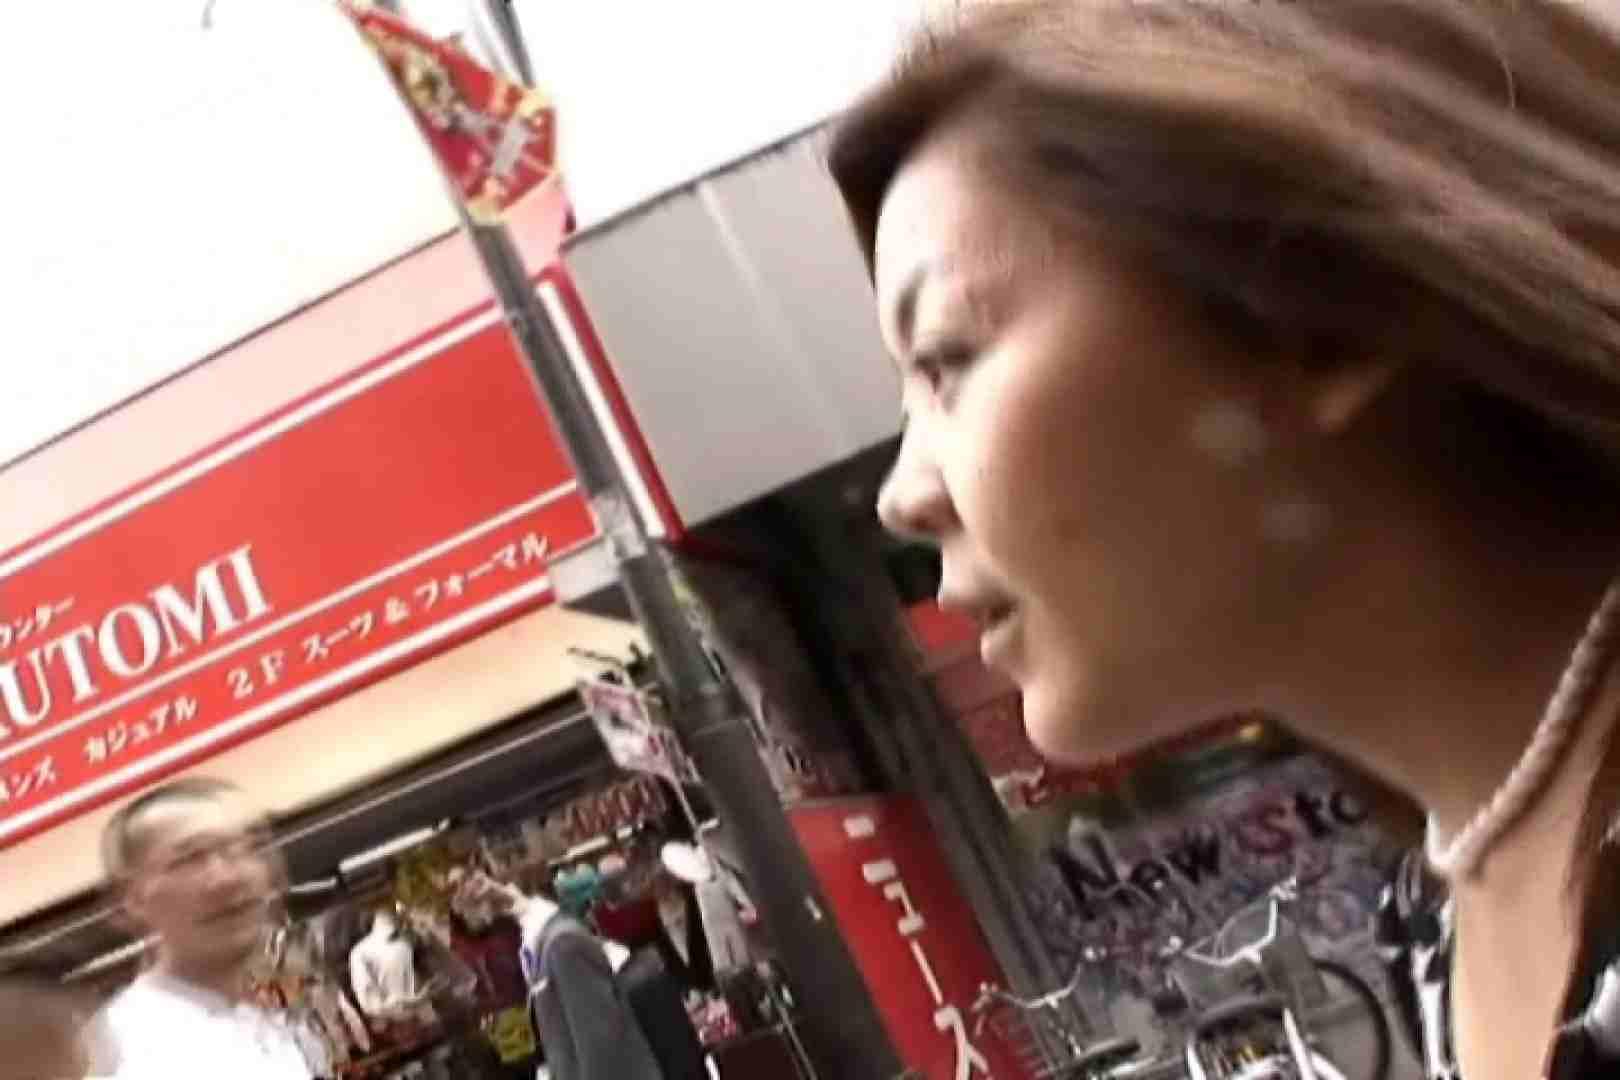 素人ナンパ本番撮り!出会い系でGET!Vol.13 人妻のエッチ ワレメ無修正動画無料 57pic 17